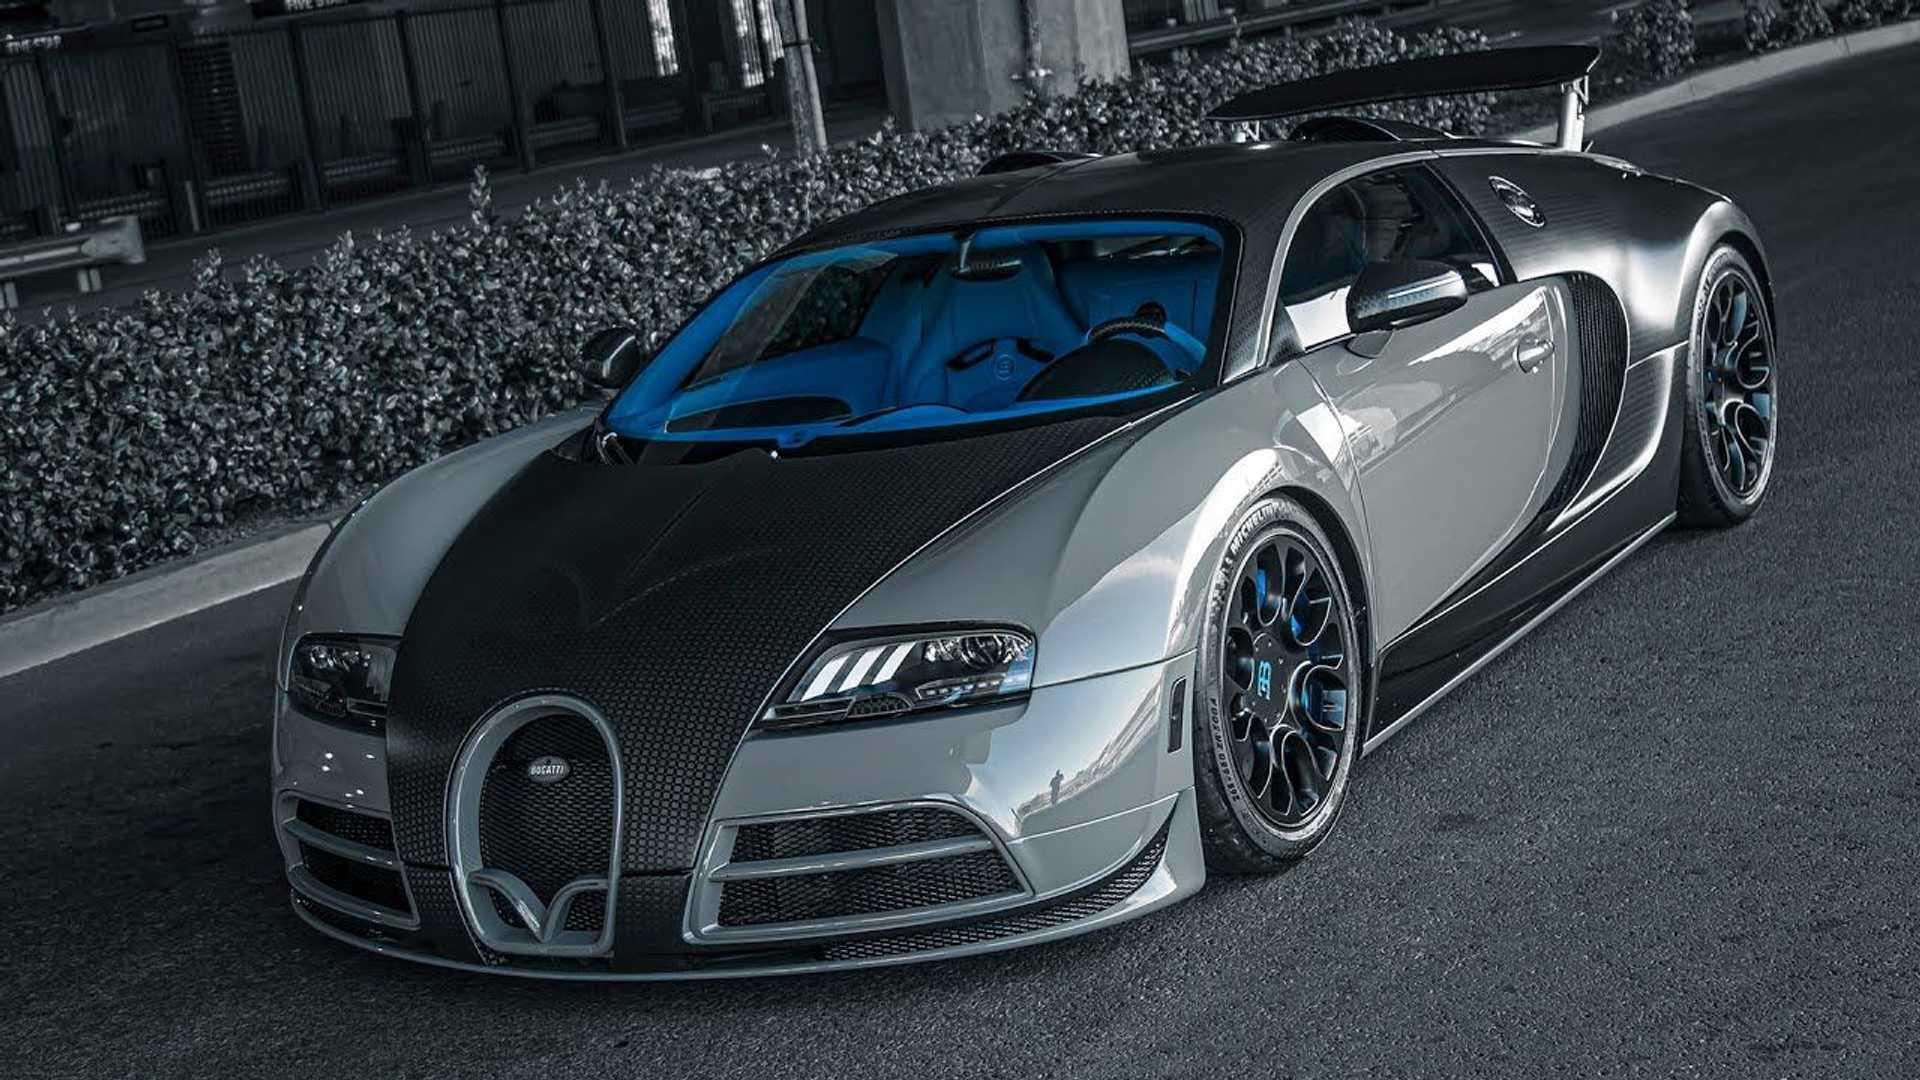 Суперкар Bugatti Veyron с дизайном от знаменитого Йозефа Кабана – настоящая коллекционная редкость: всего было изготовлено 450 экземпляров. Тот, что перед вами, эксклюзивен вдвойне: его дорабатывали два тюнинг-ателье.